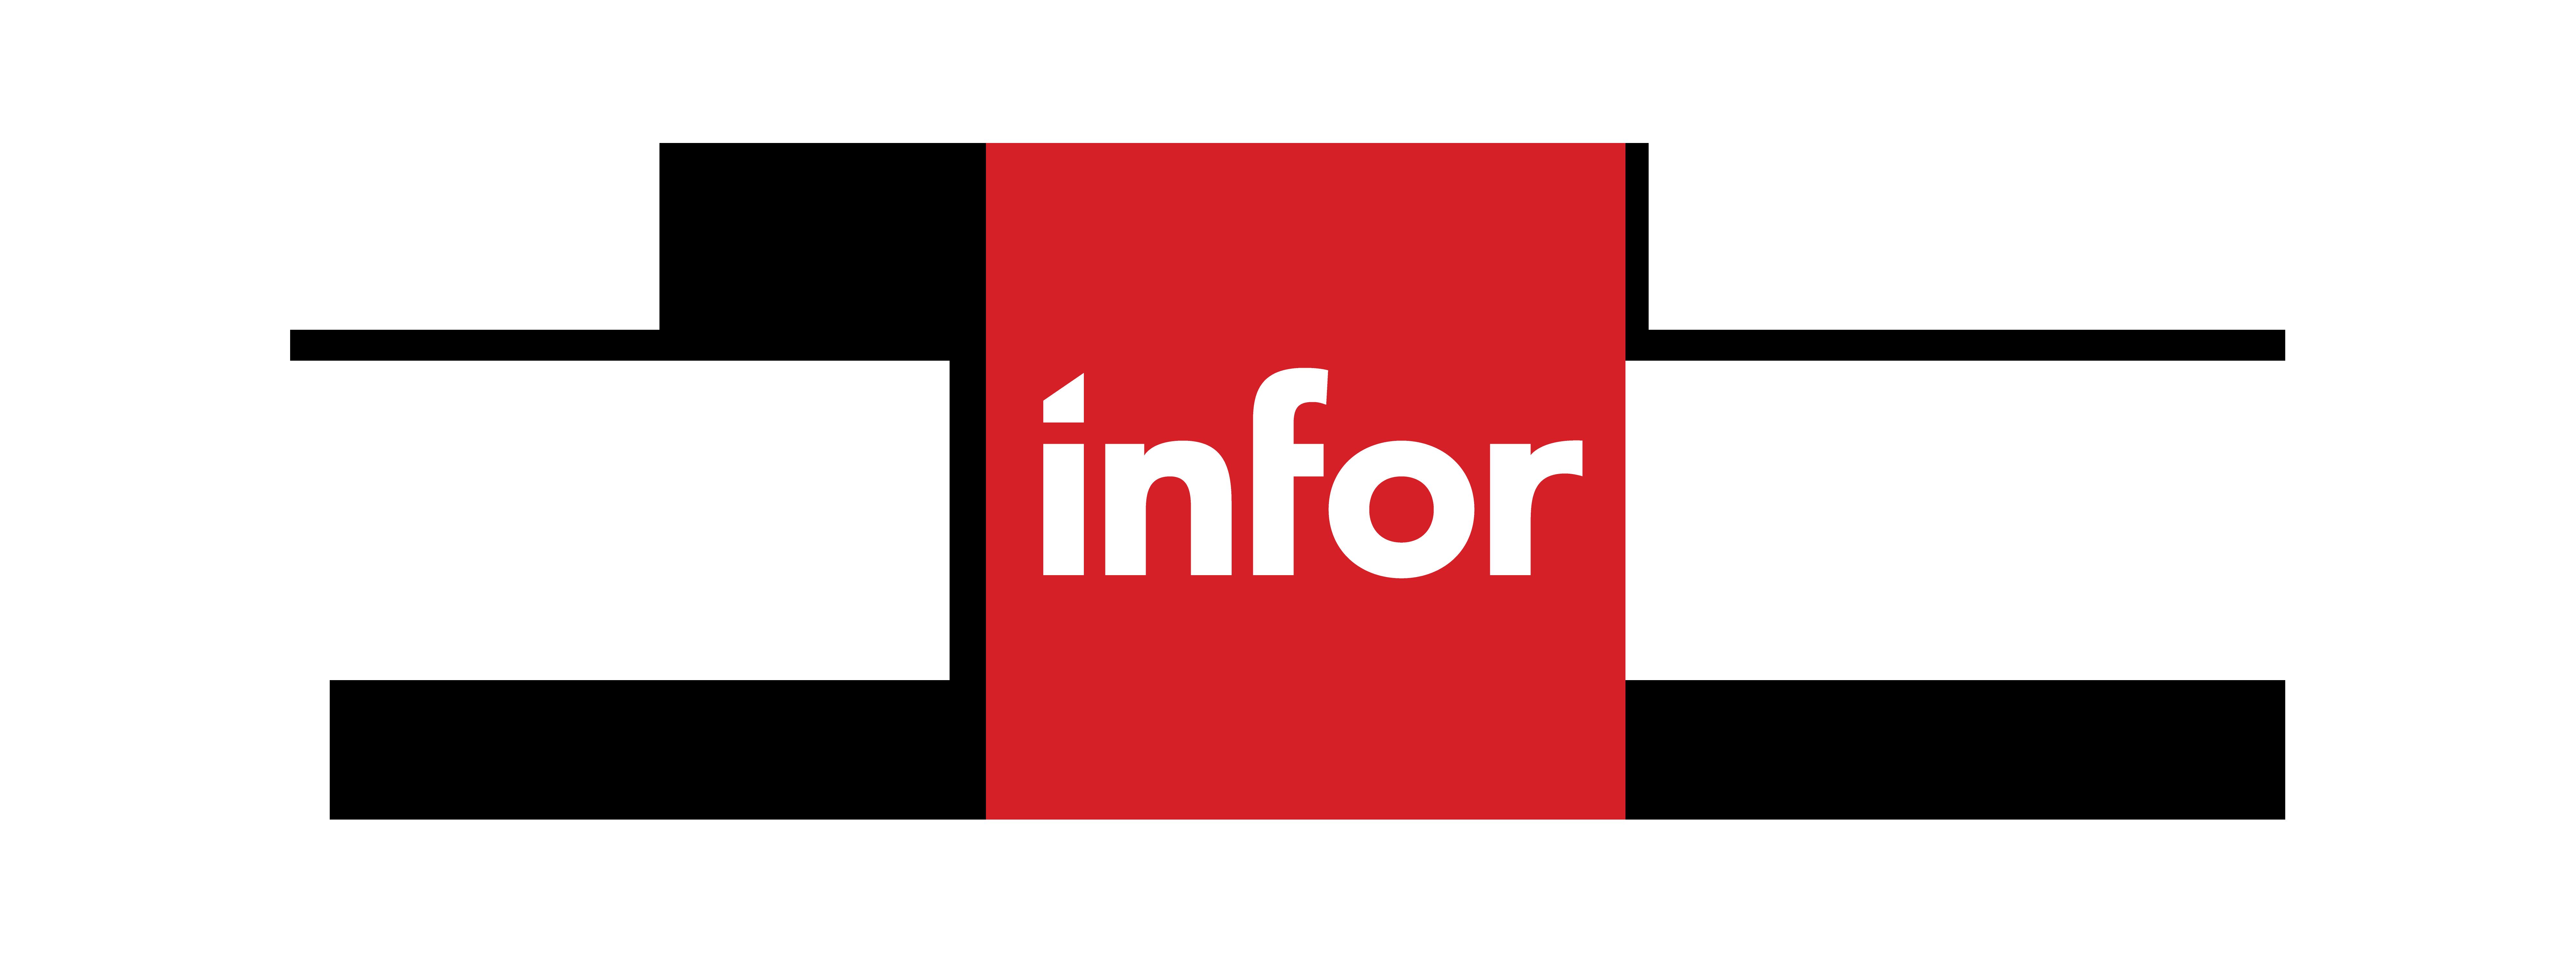 Alliance-Channel-Partner-infor